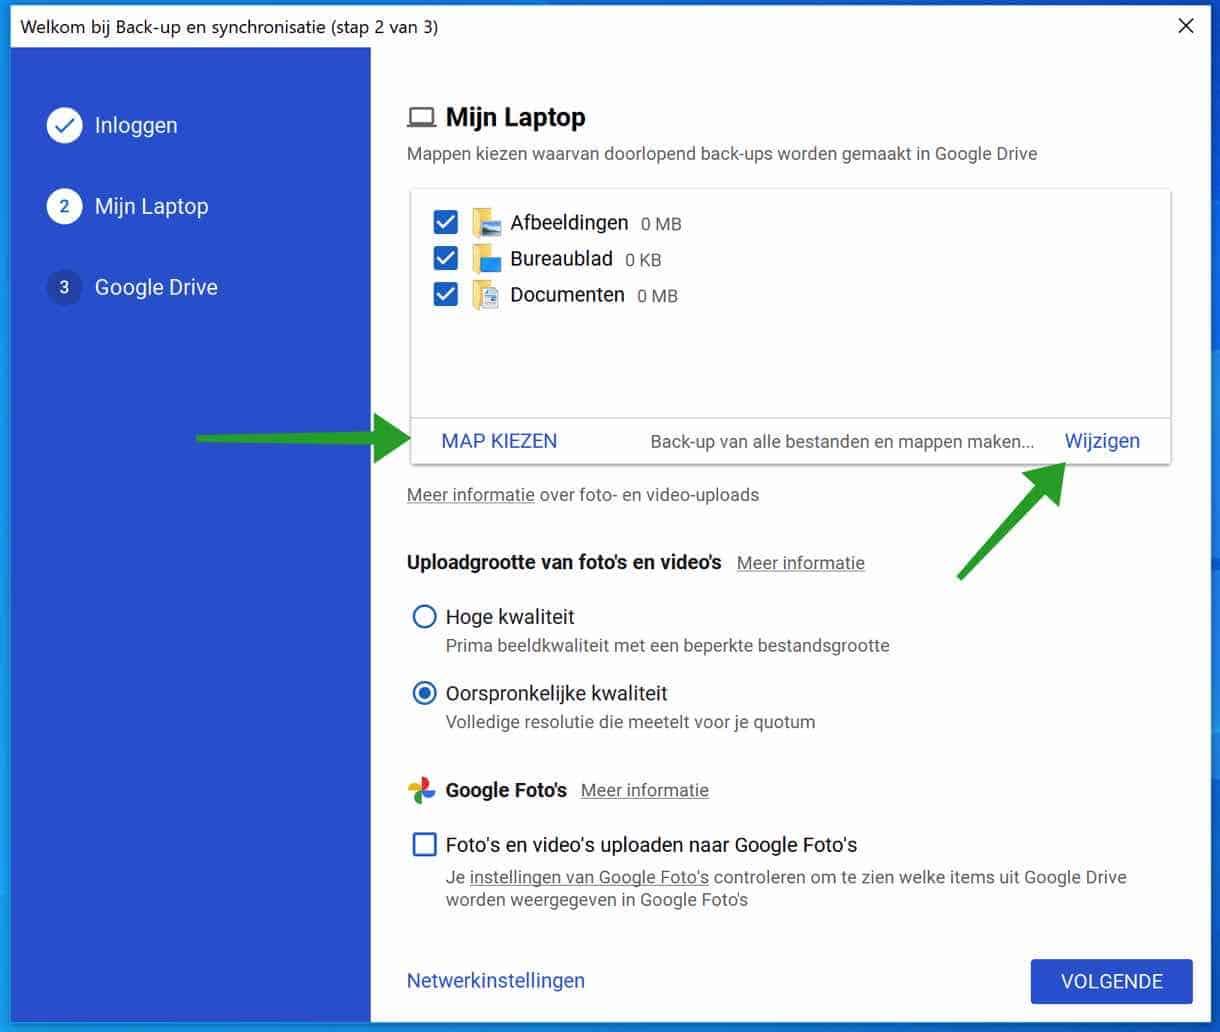 Google back-up en synchronisatie bestandstype uitsluiten